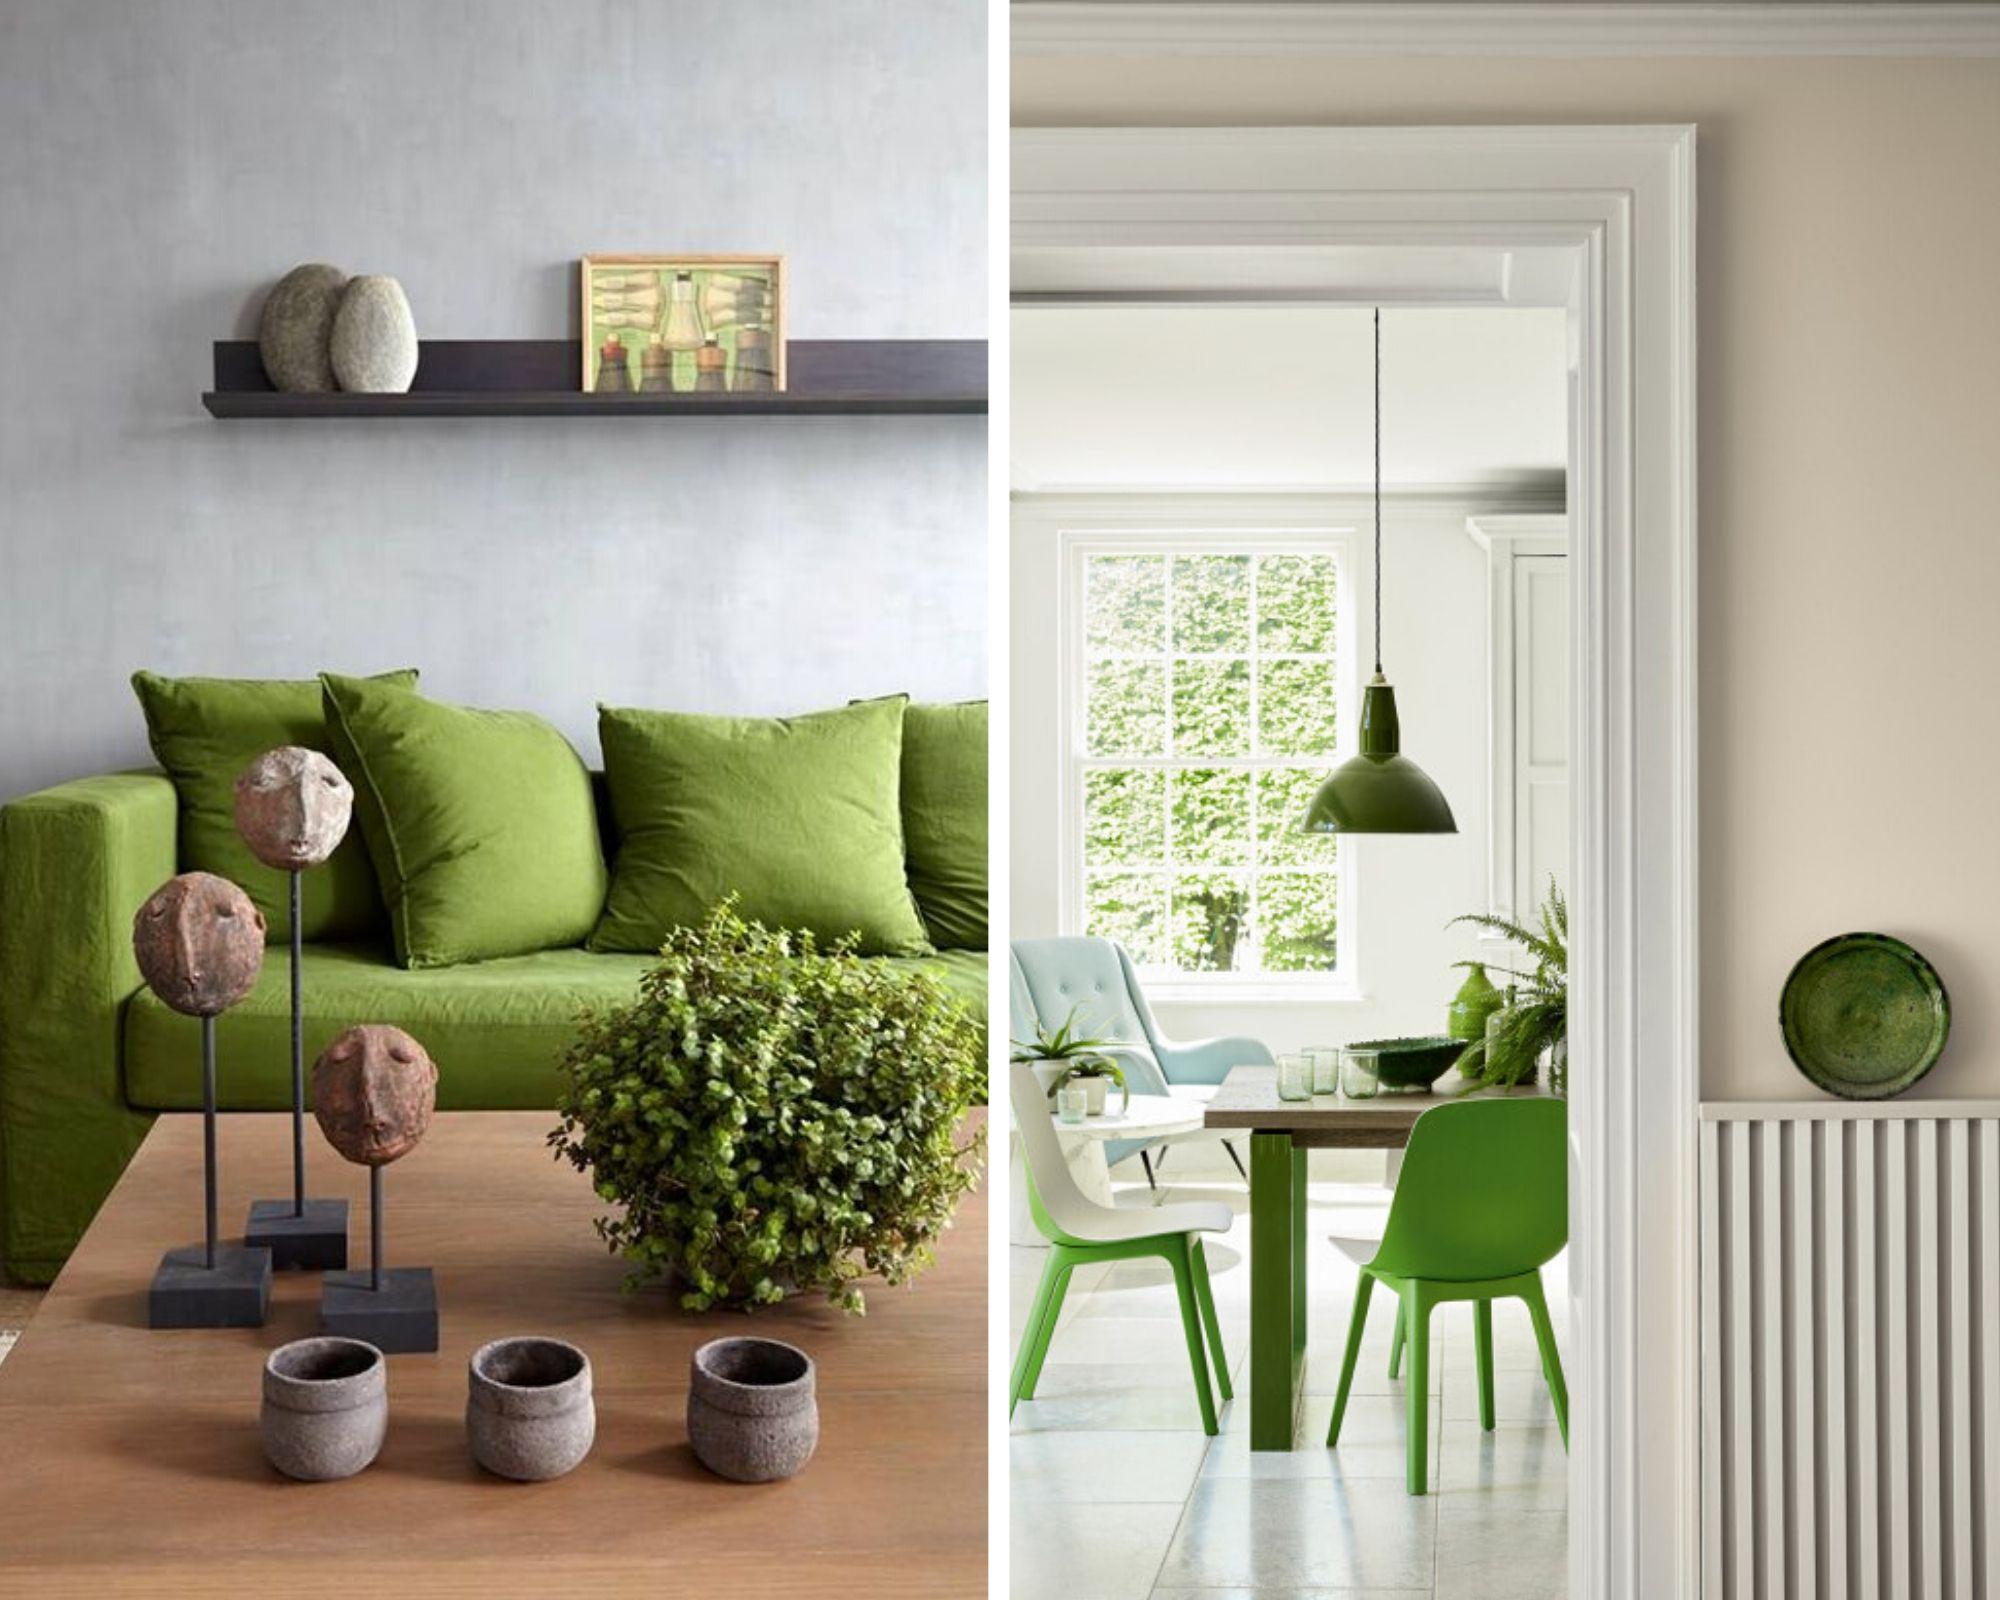 ambiance intérieure rustique et vert pomme